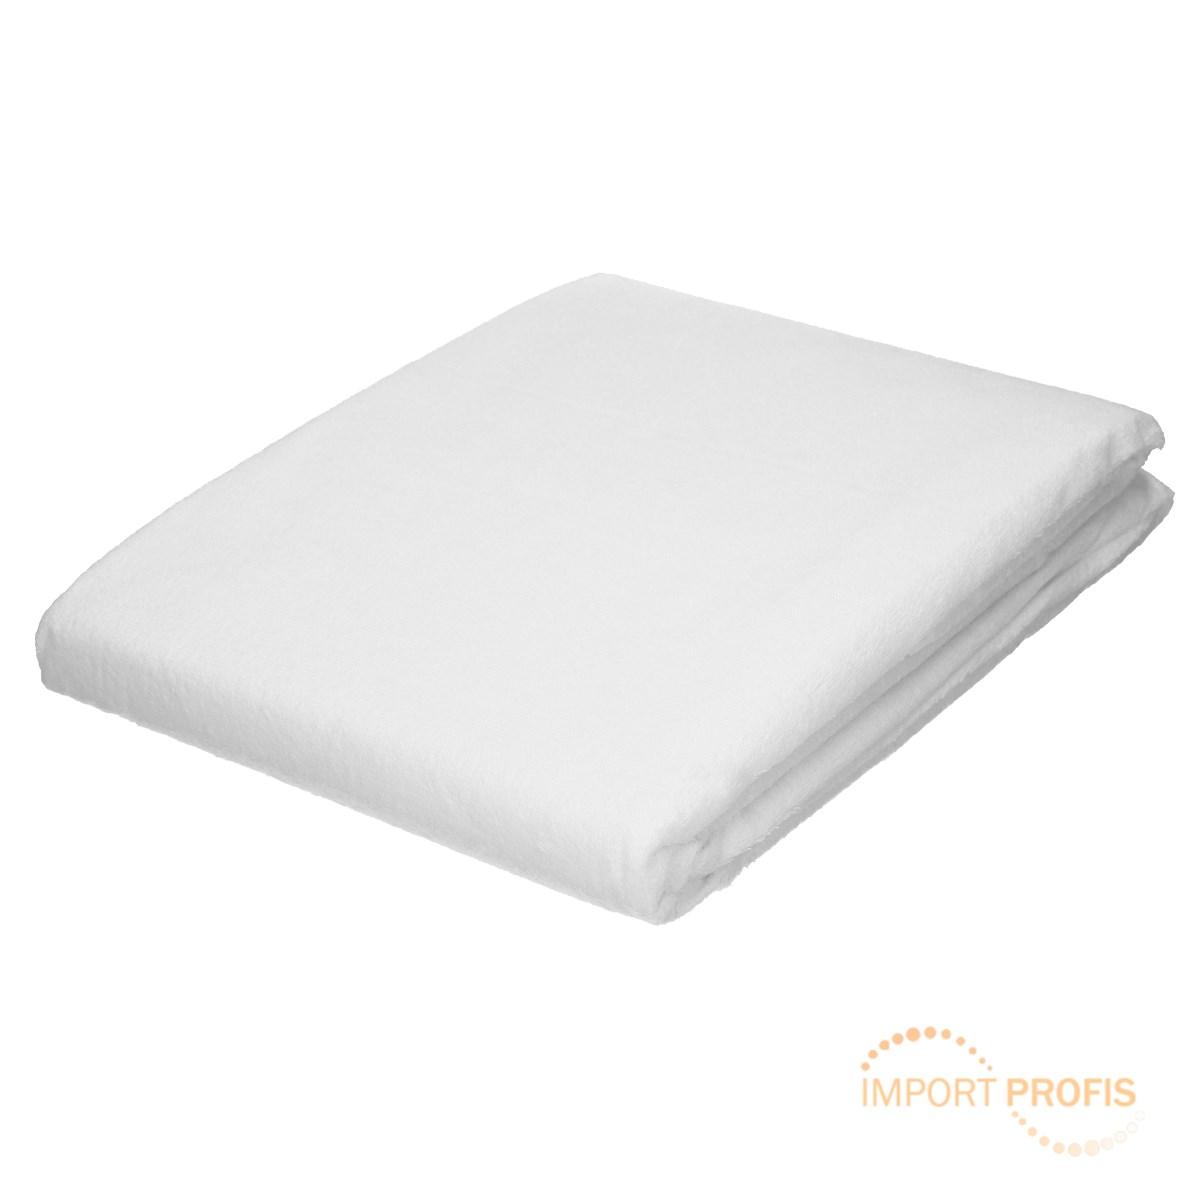 matratzenschoner wasserdicht 160x200 cm aus baumwolle matratzen matratzenschutz ebay. Black Bedroom Furniture Sets. Home Design Ideas